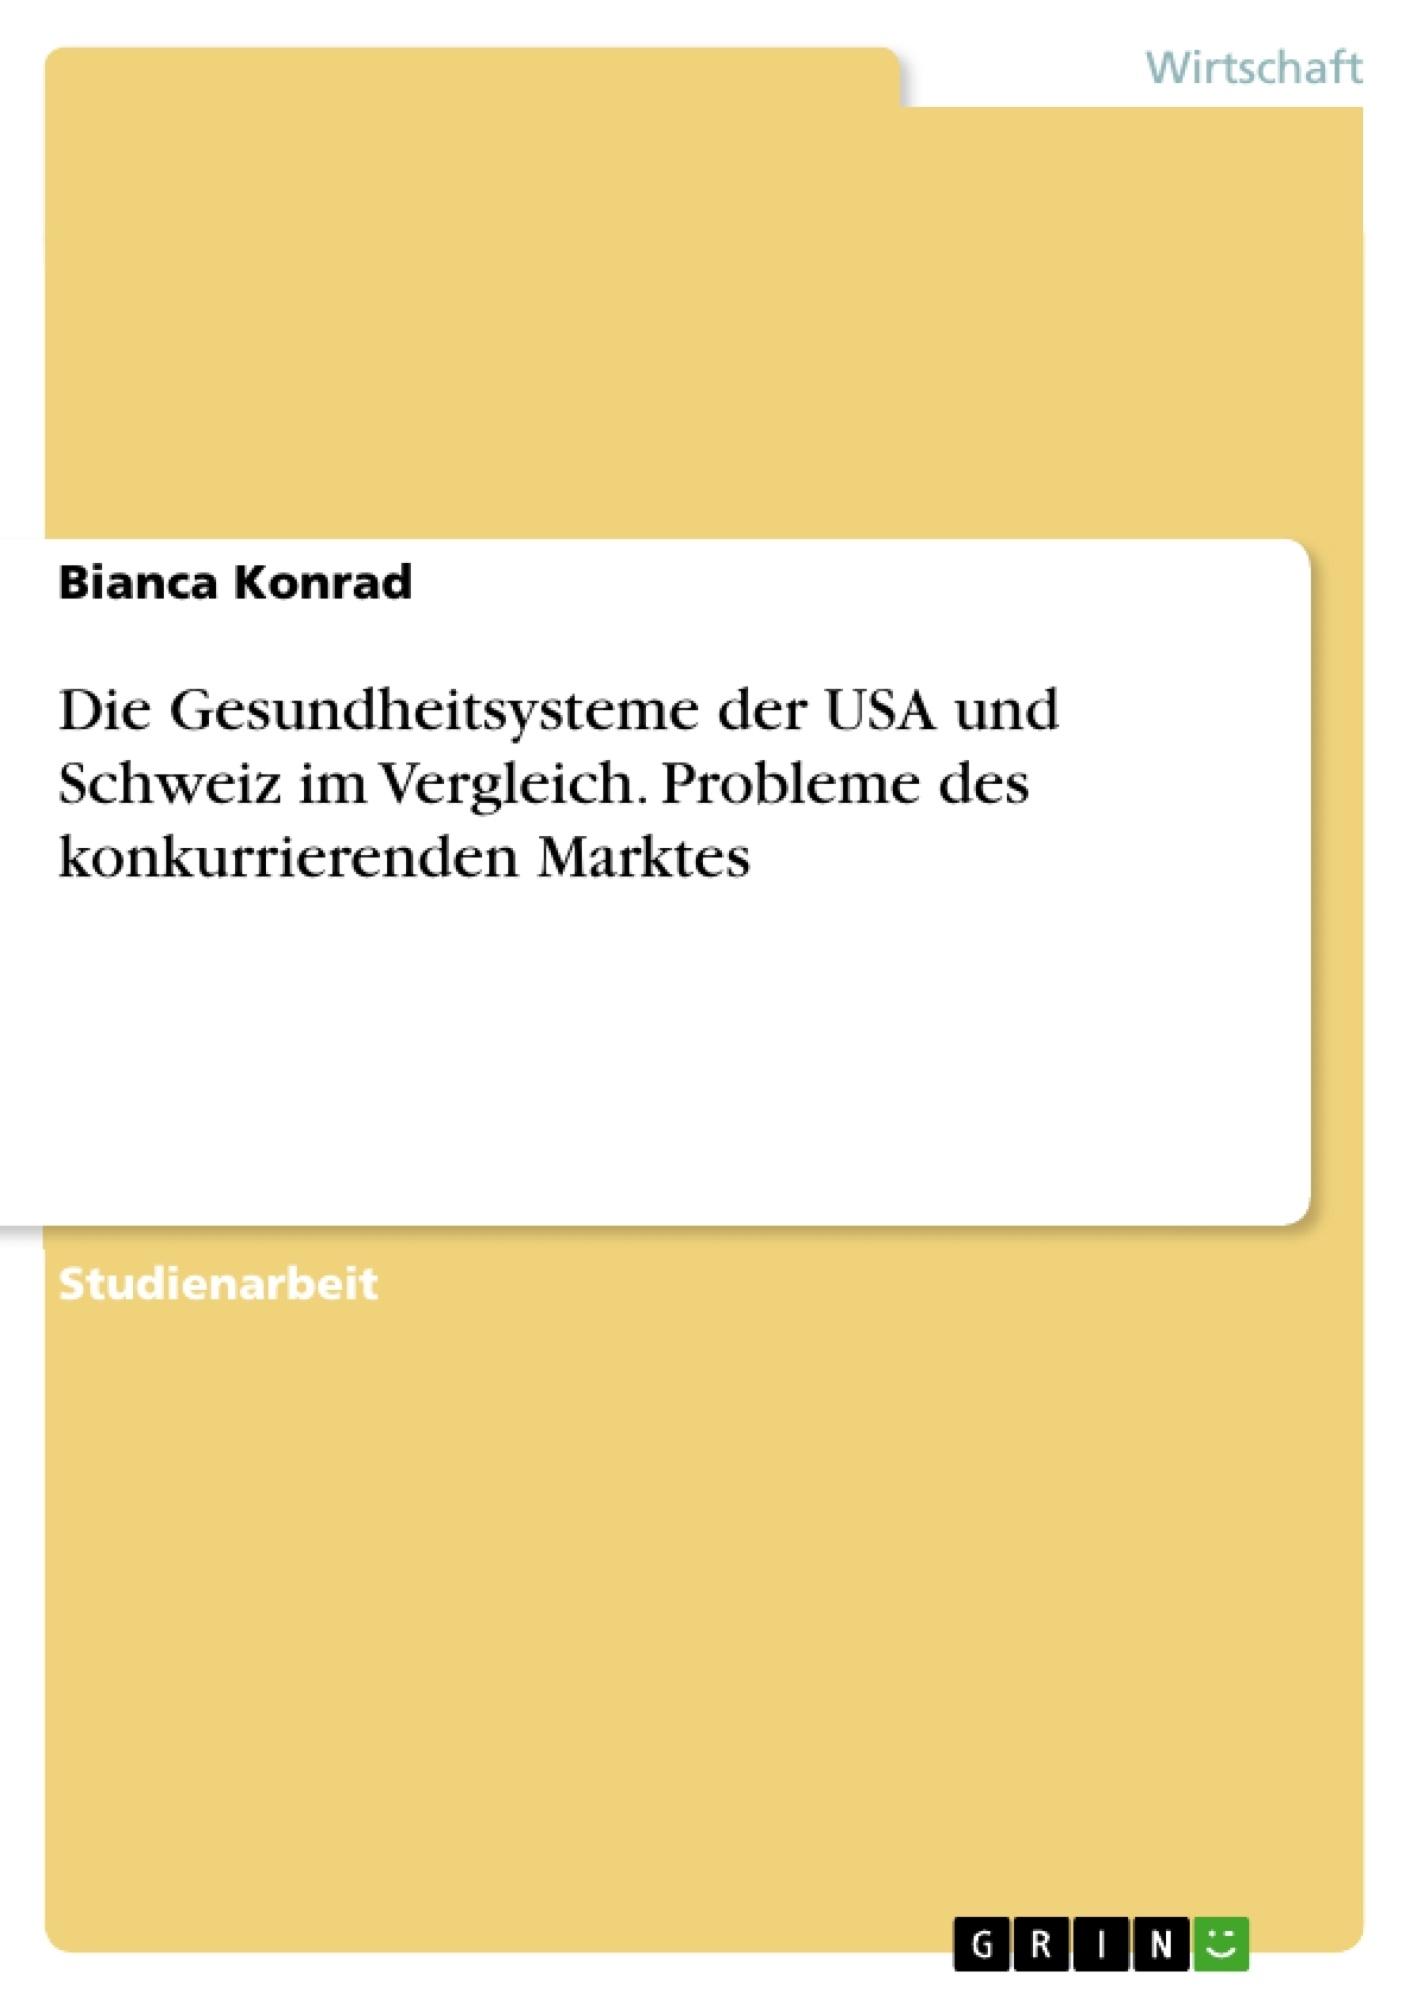 Titel: Die Gesundheitsysteme der USA und Schweiz im Vergleich. Probleme des konkurrierenden Marktes